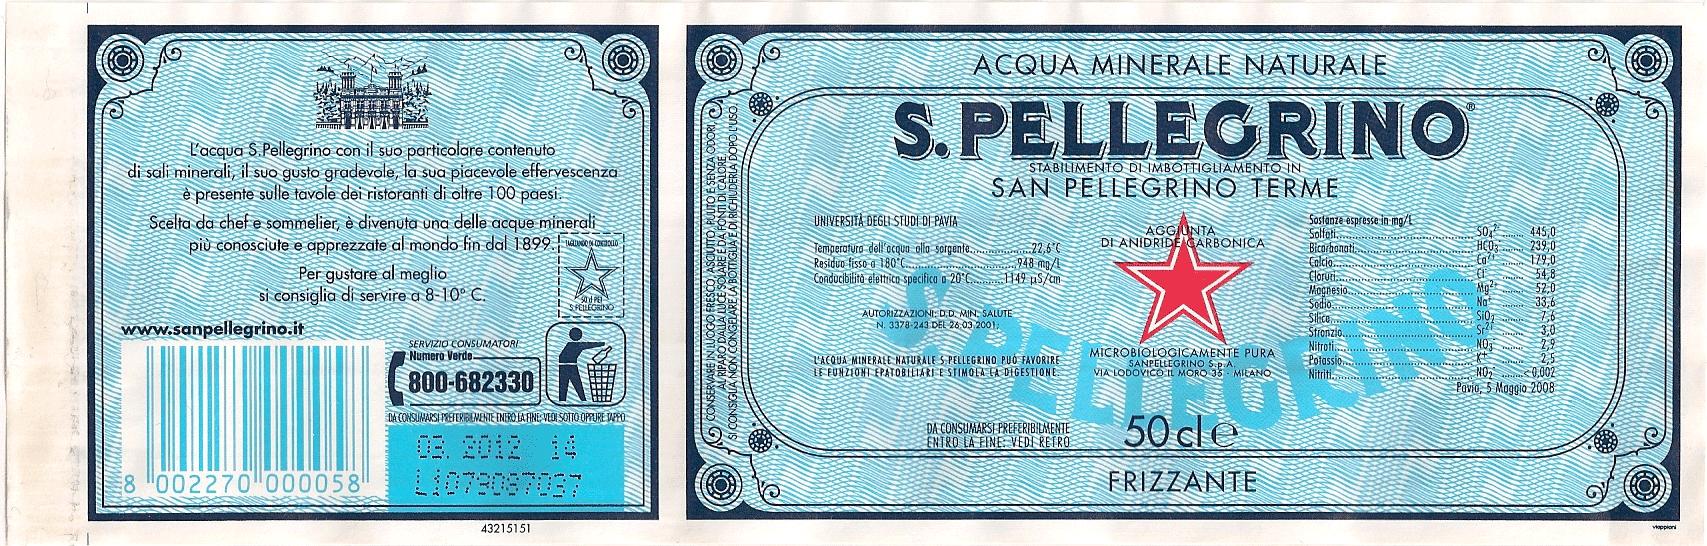 サンペレグリノラベル